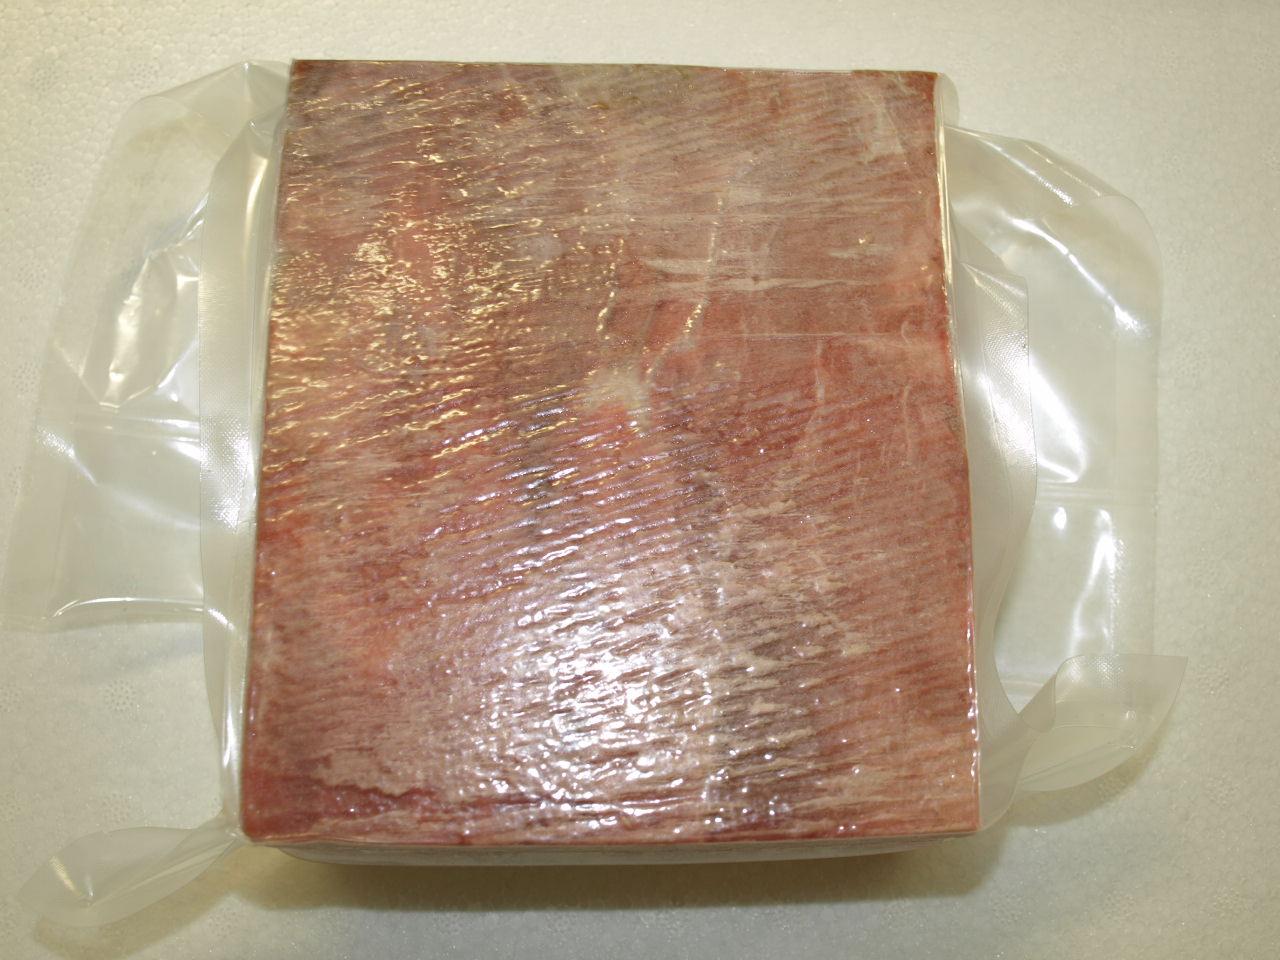 鯨赤肉(赤身)【加工料理用】約1.1kg(関太郎印のくじら)